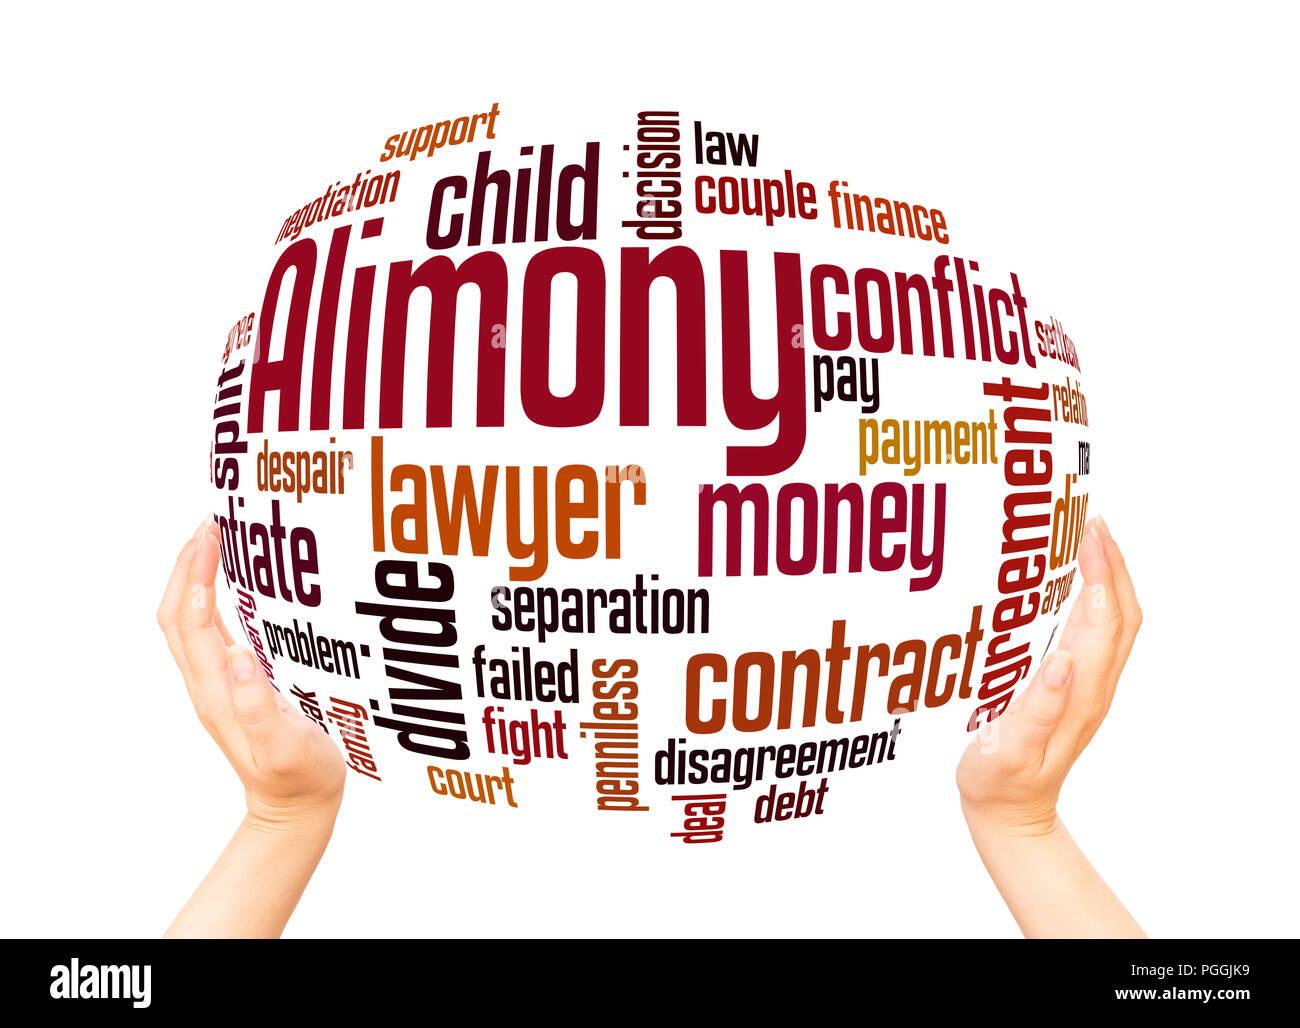 Alimony parola sfera cloud concetto su sfondo bianco. Immagini Stock